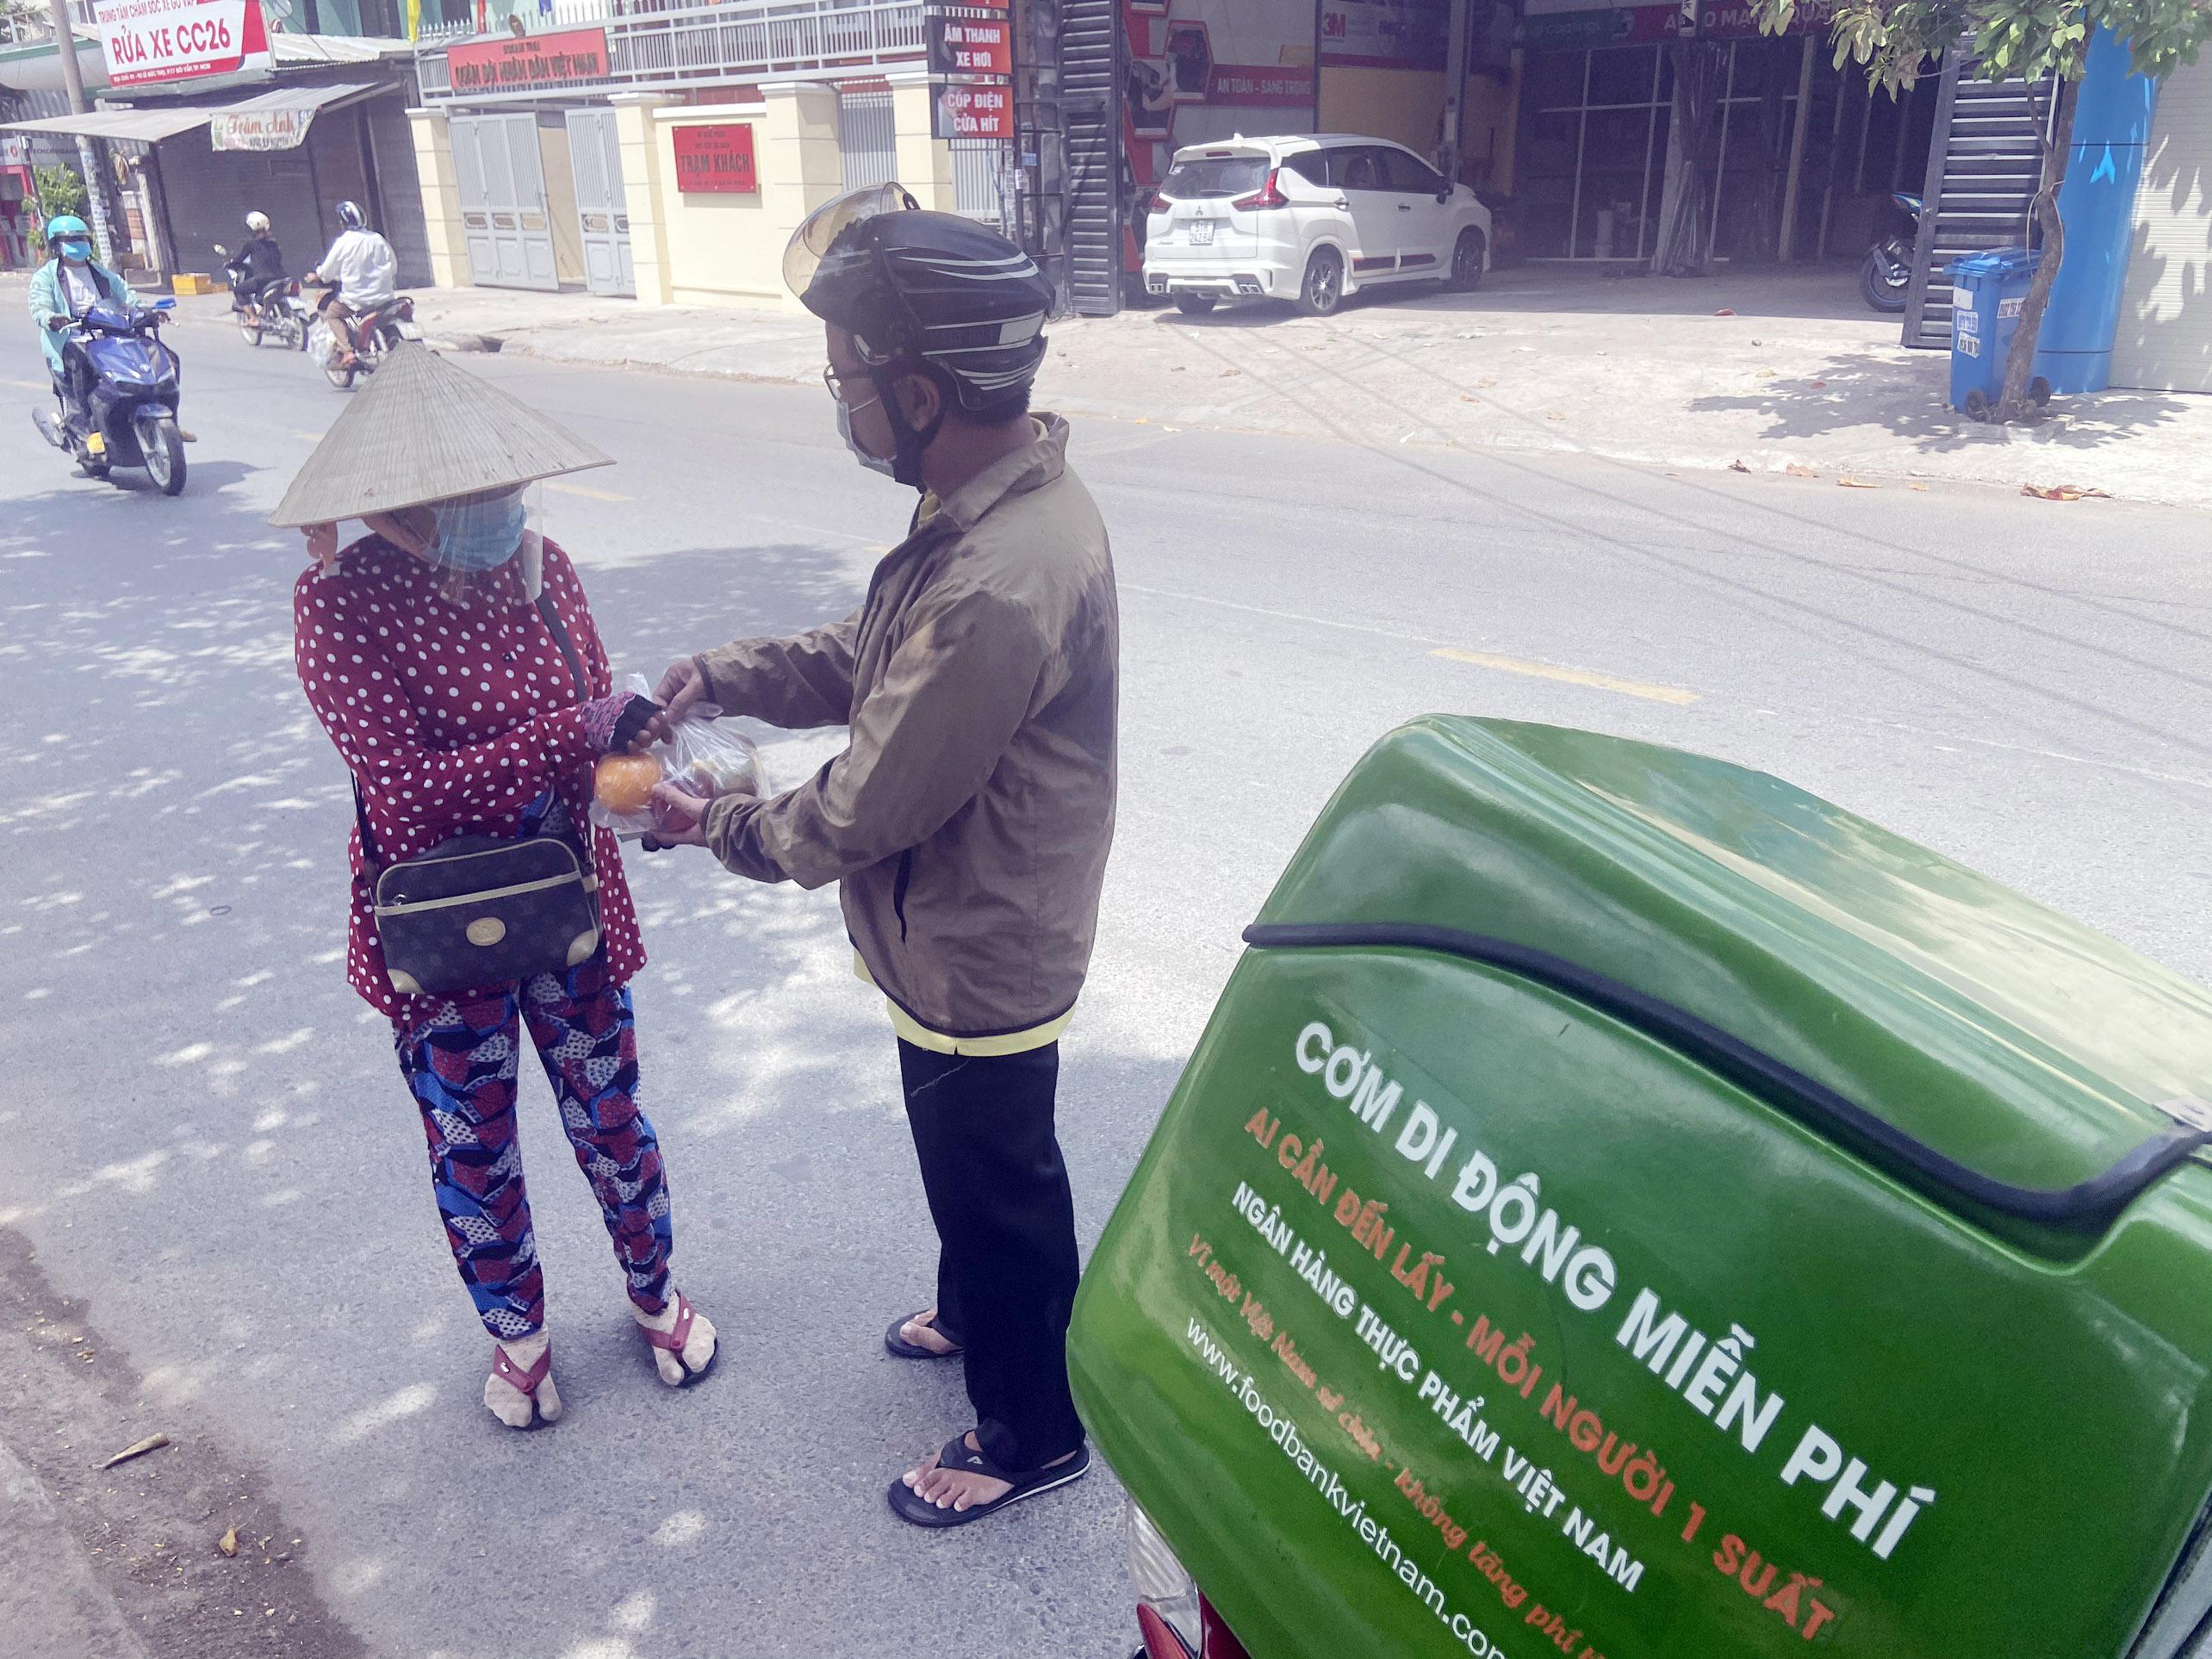 """Những """"anh chàng shipper"""" đi khắp Sài Gòn để phát 1.500 suất ăn miễn phí cho người nghèo - 1"""